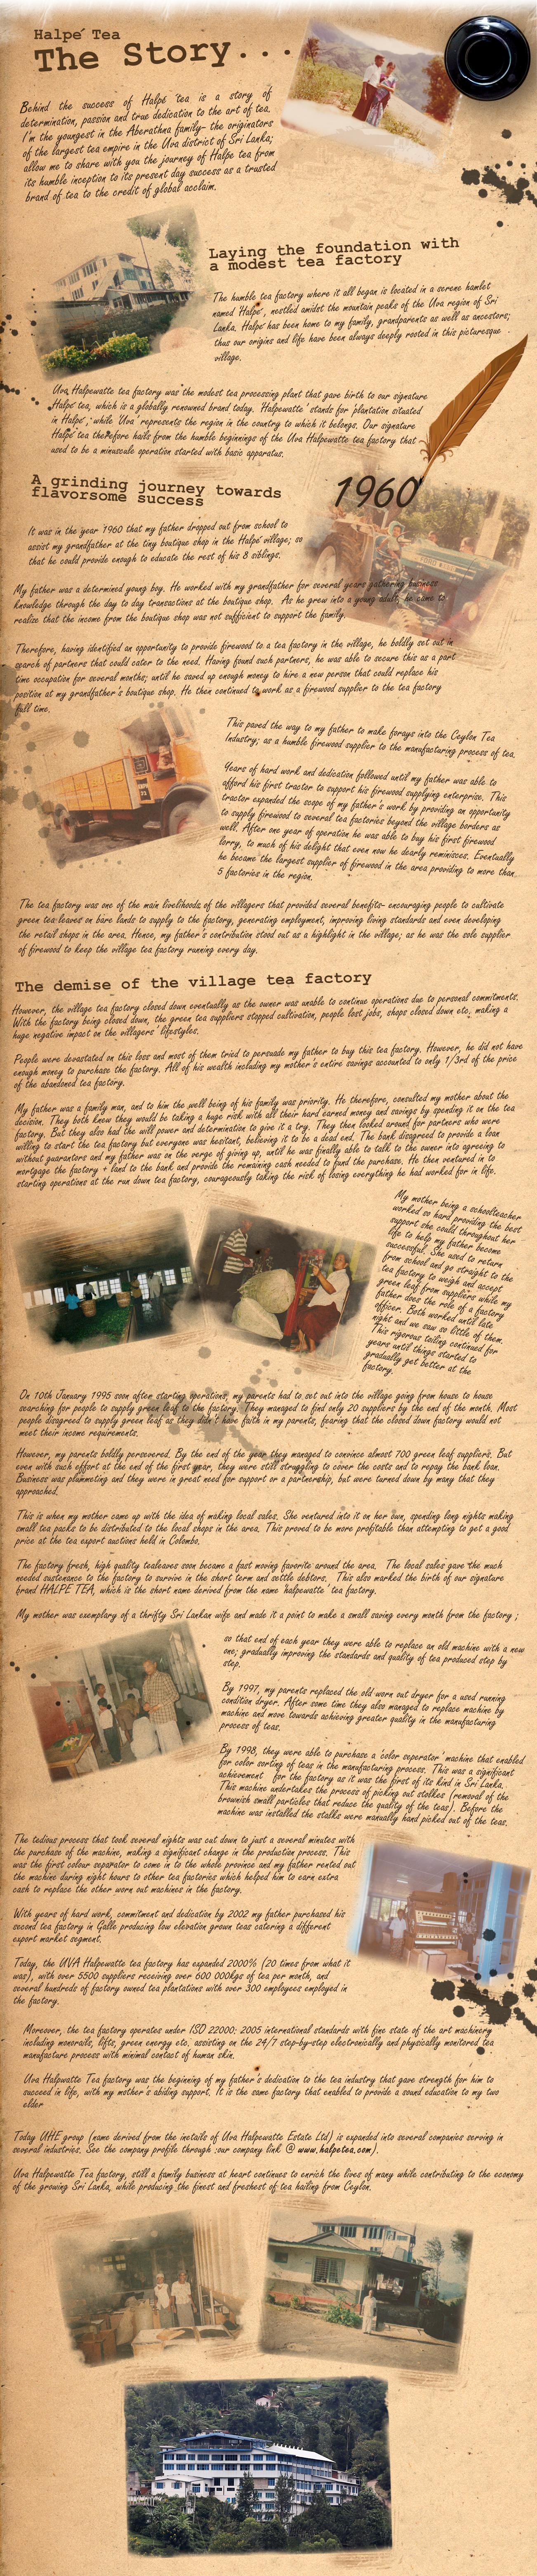 halpe tea story